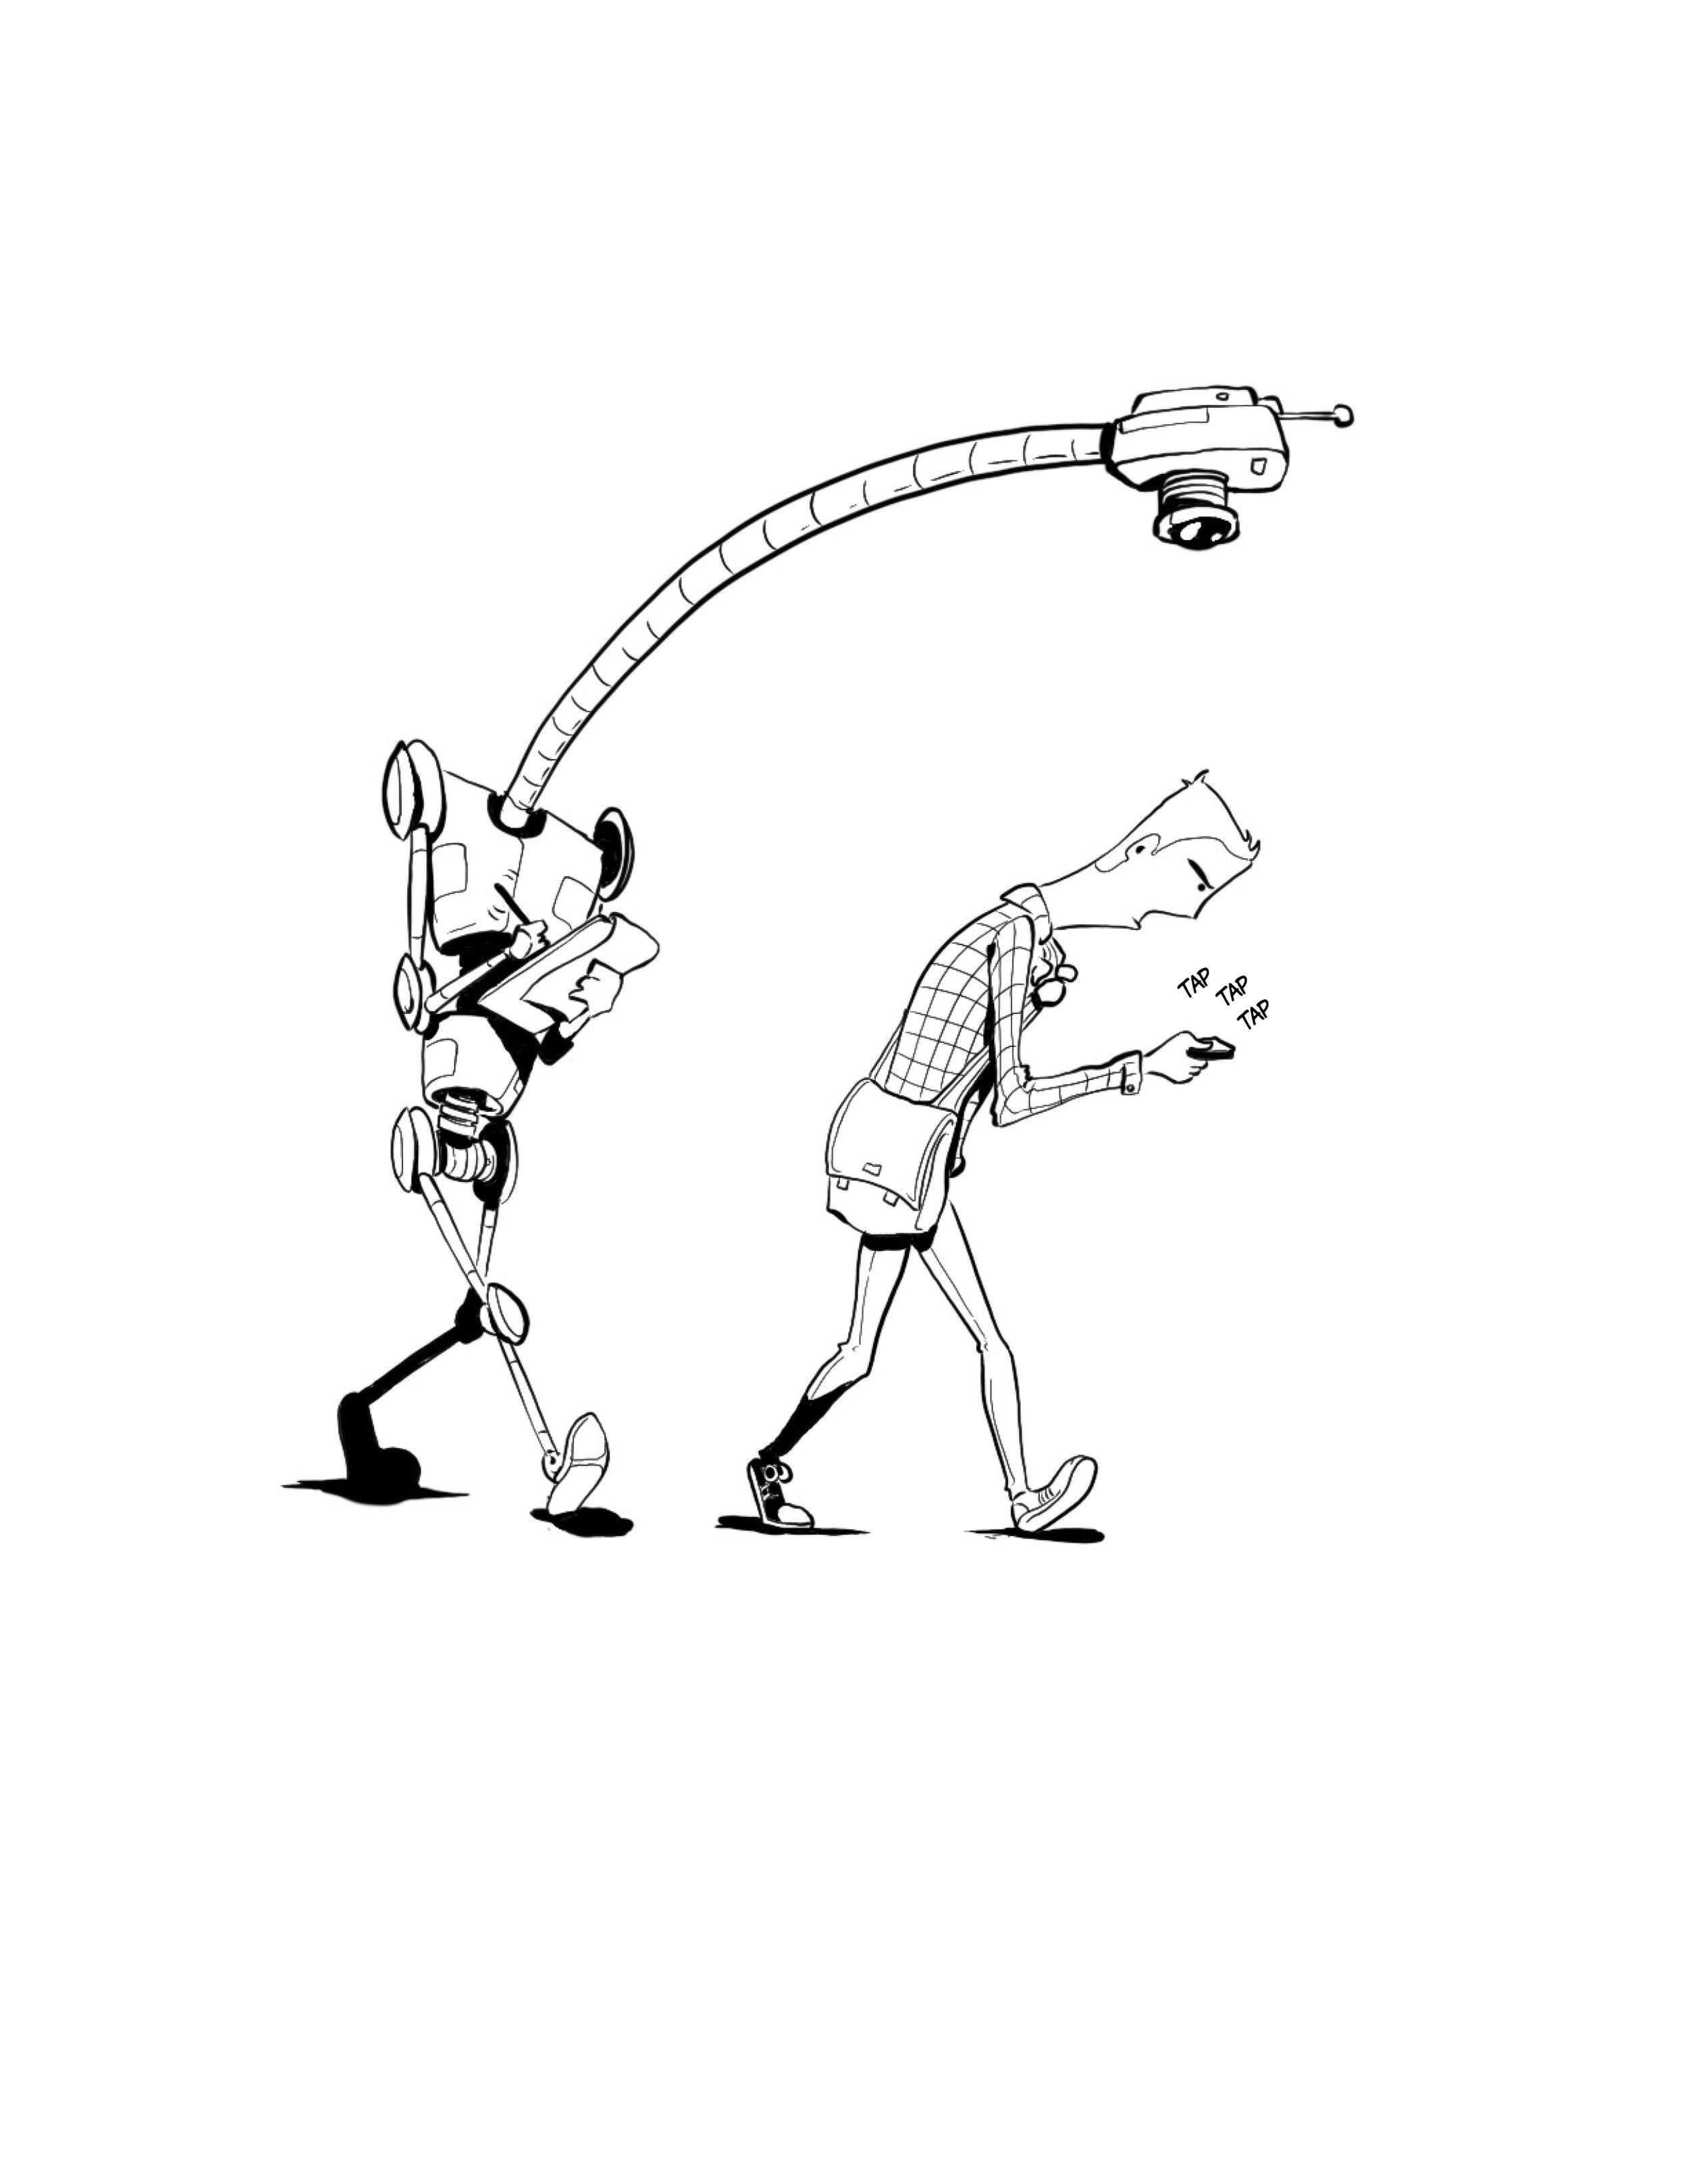 DRegone_Illustrations2.jpg